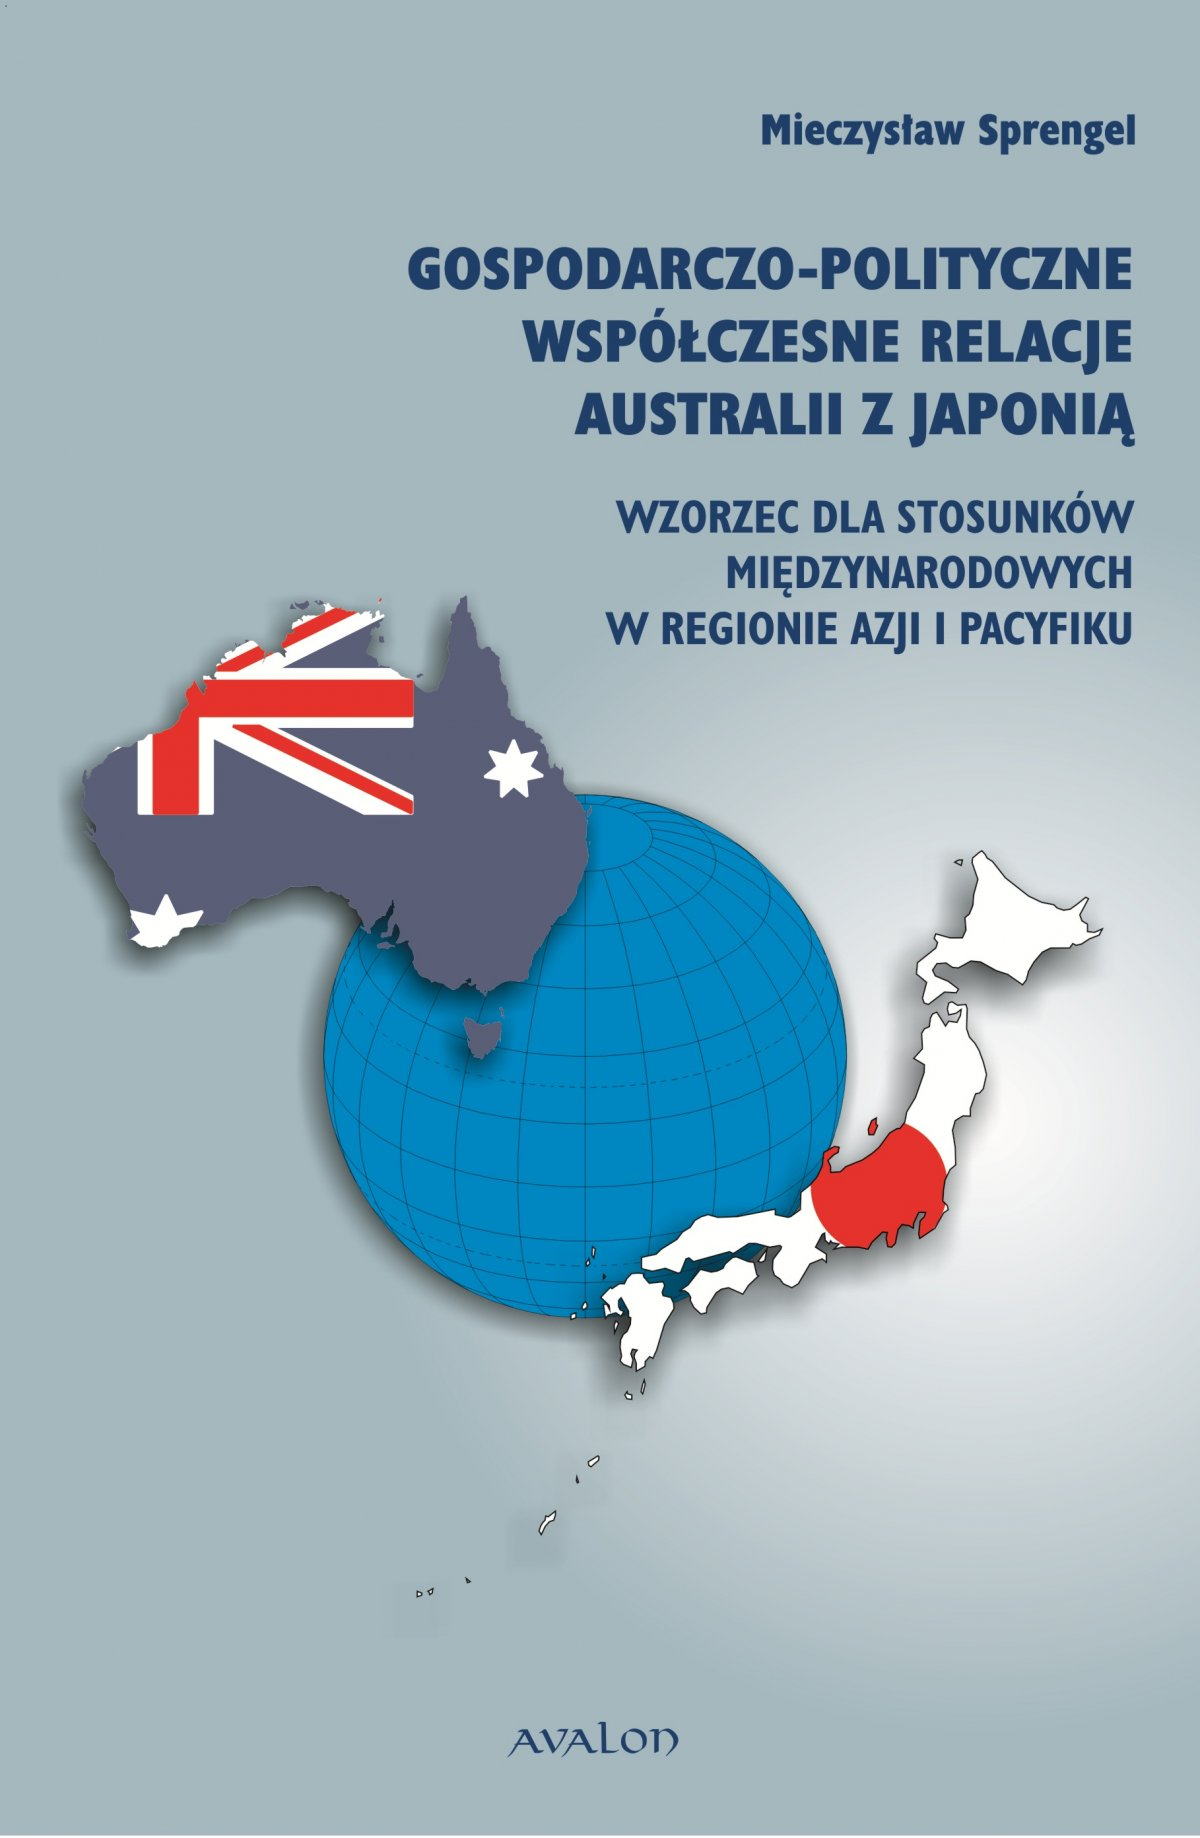 Gospodarczo-polityczne współczesne relacje Australii z Japonią. Wzorzec dla stosunków międzynarodowych w regionie Azji i Pacyfiku - Ebook (Książka PDF) do pobrania w formacie PDF